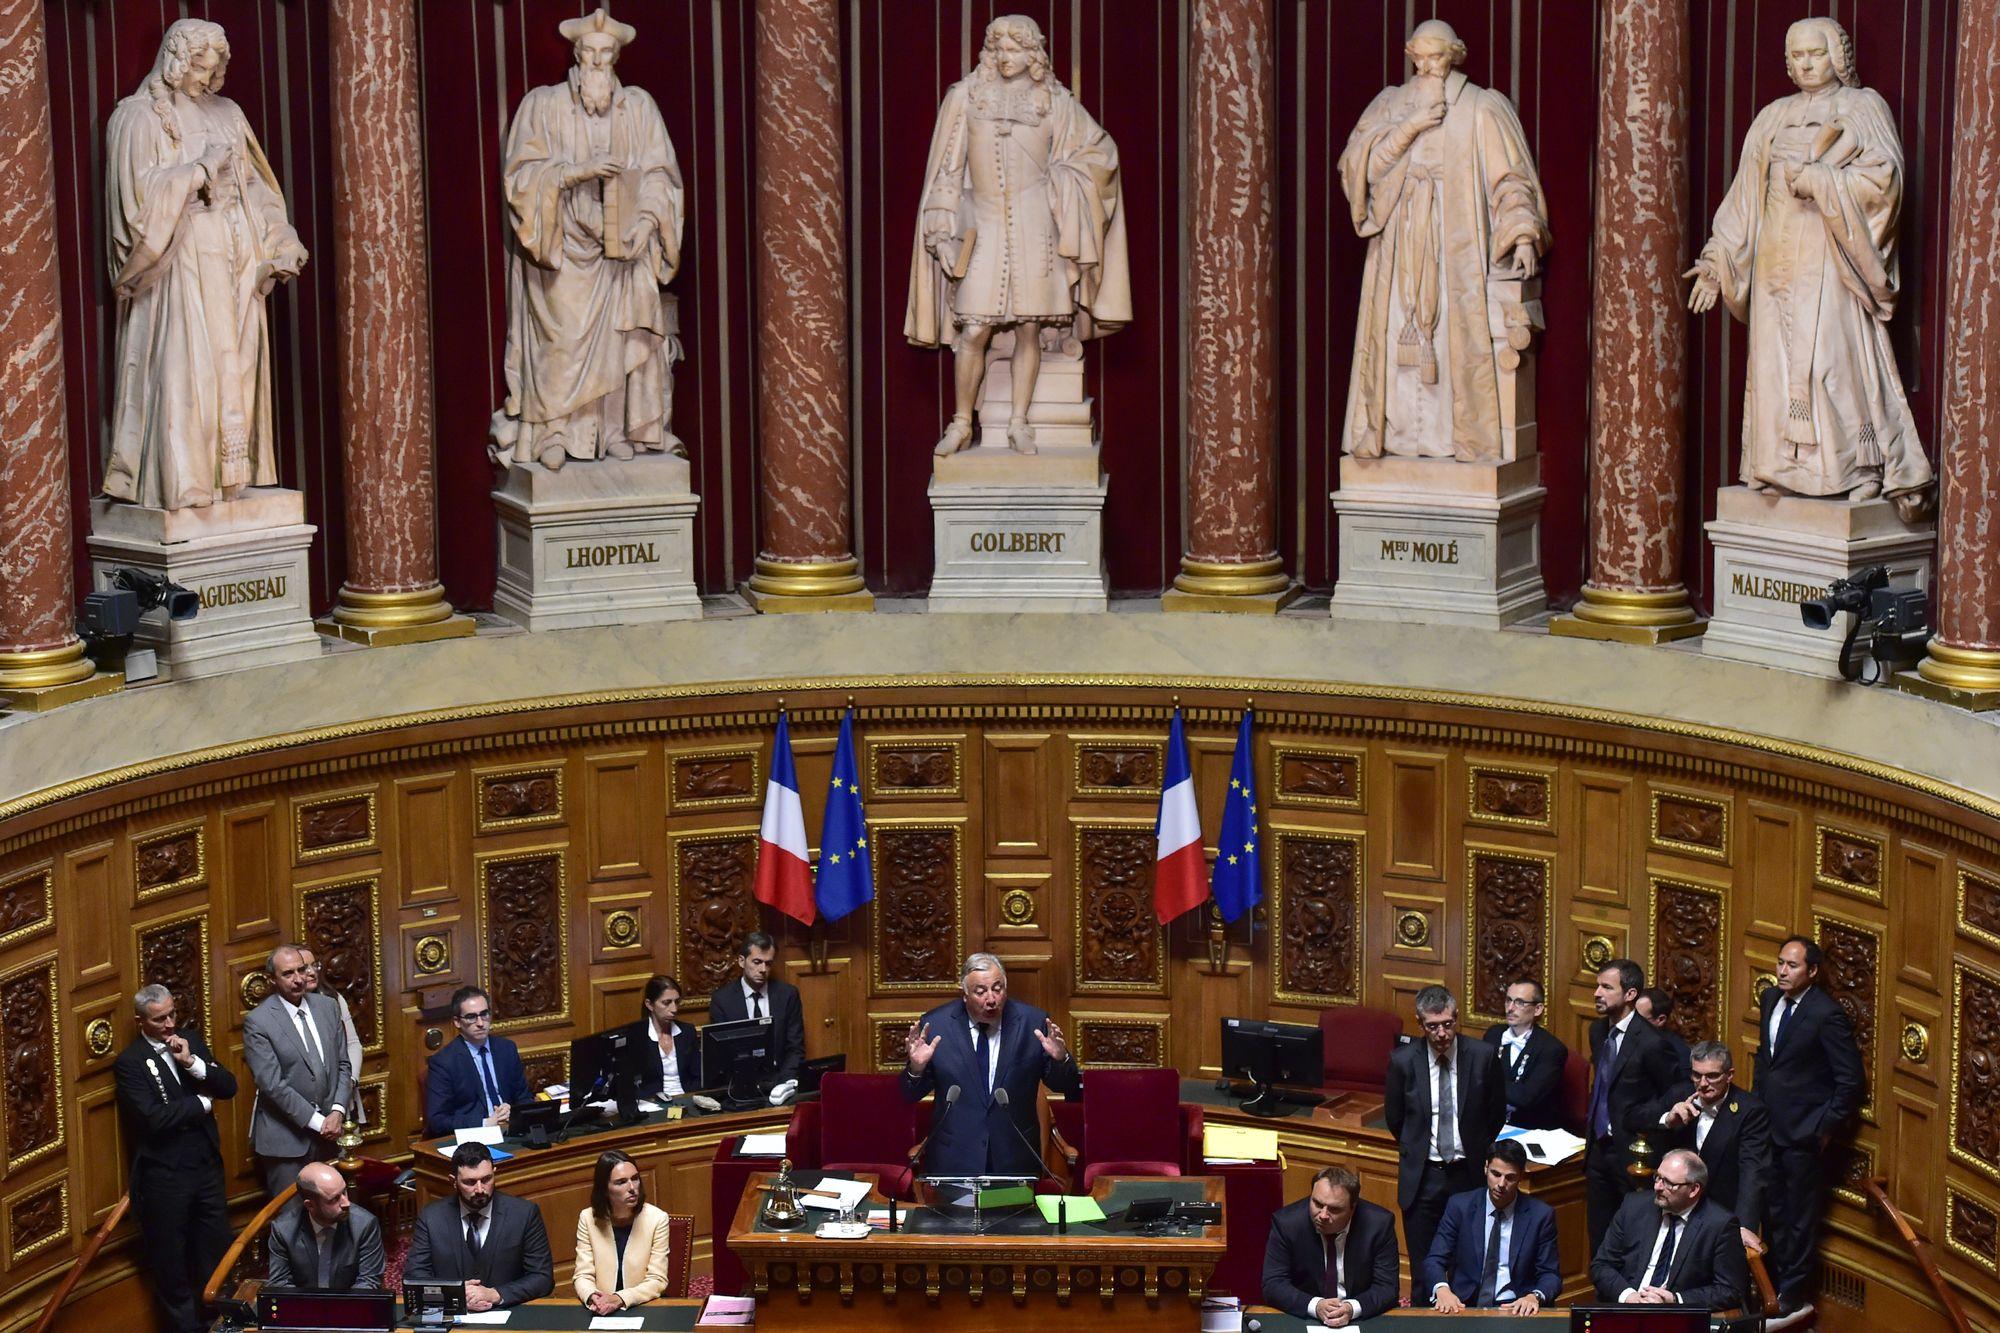 Le Parlement français adopte la controversée loi antiterroriste